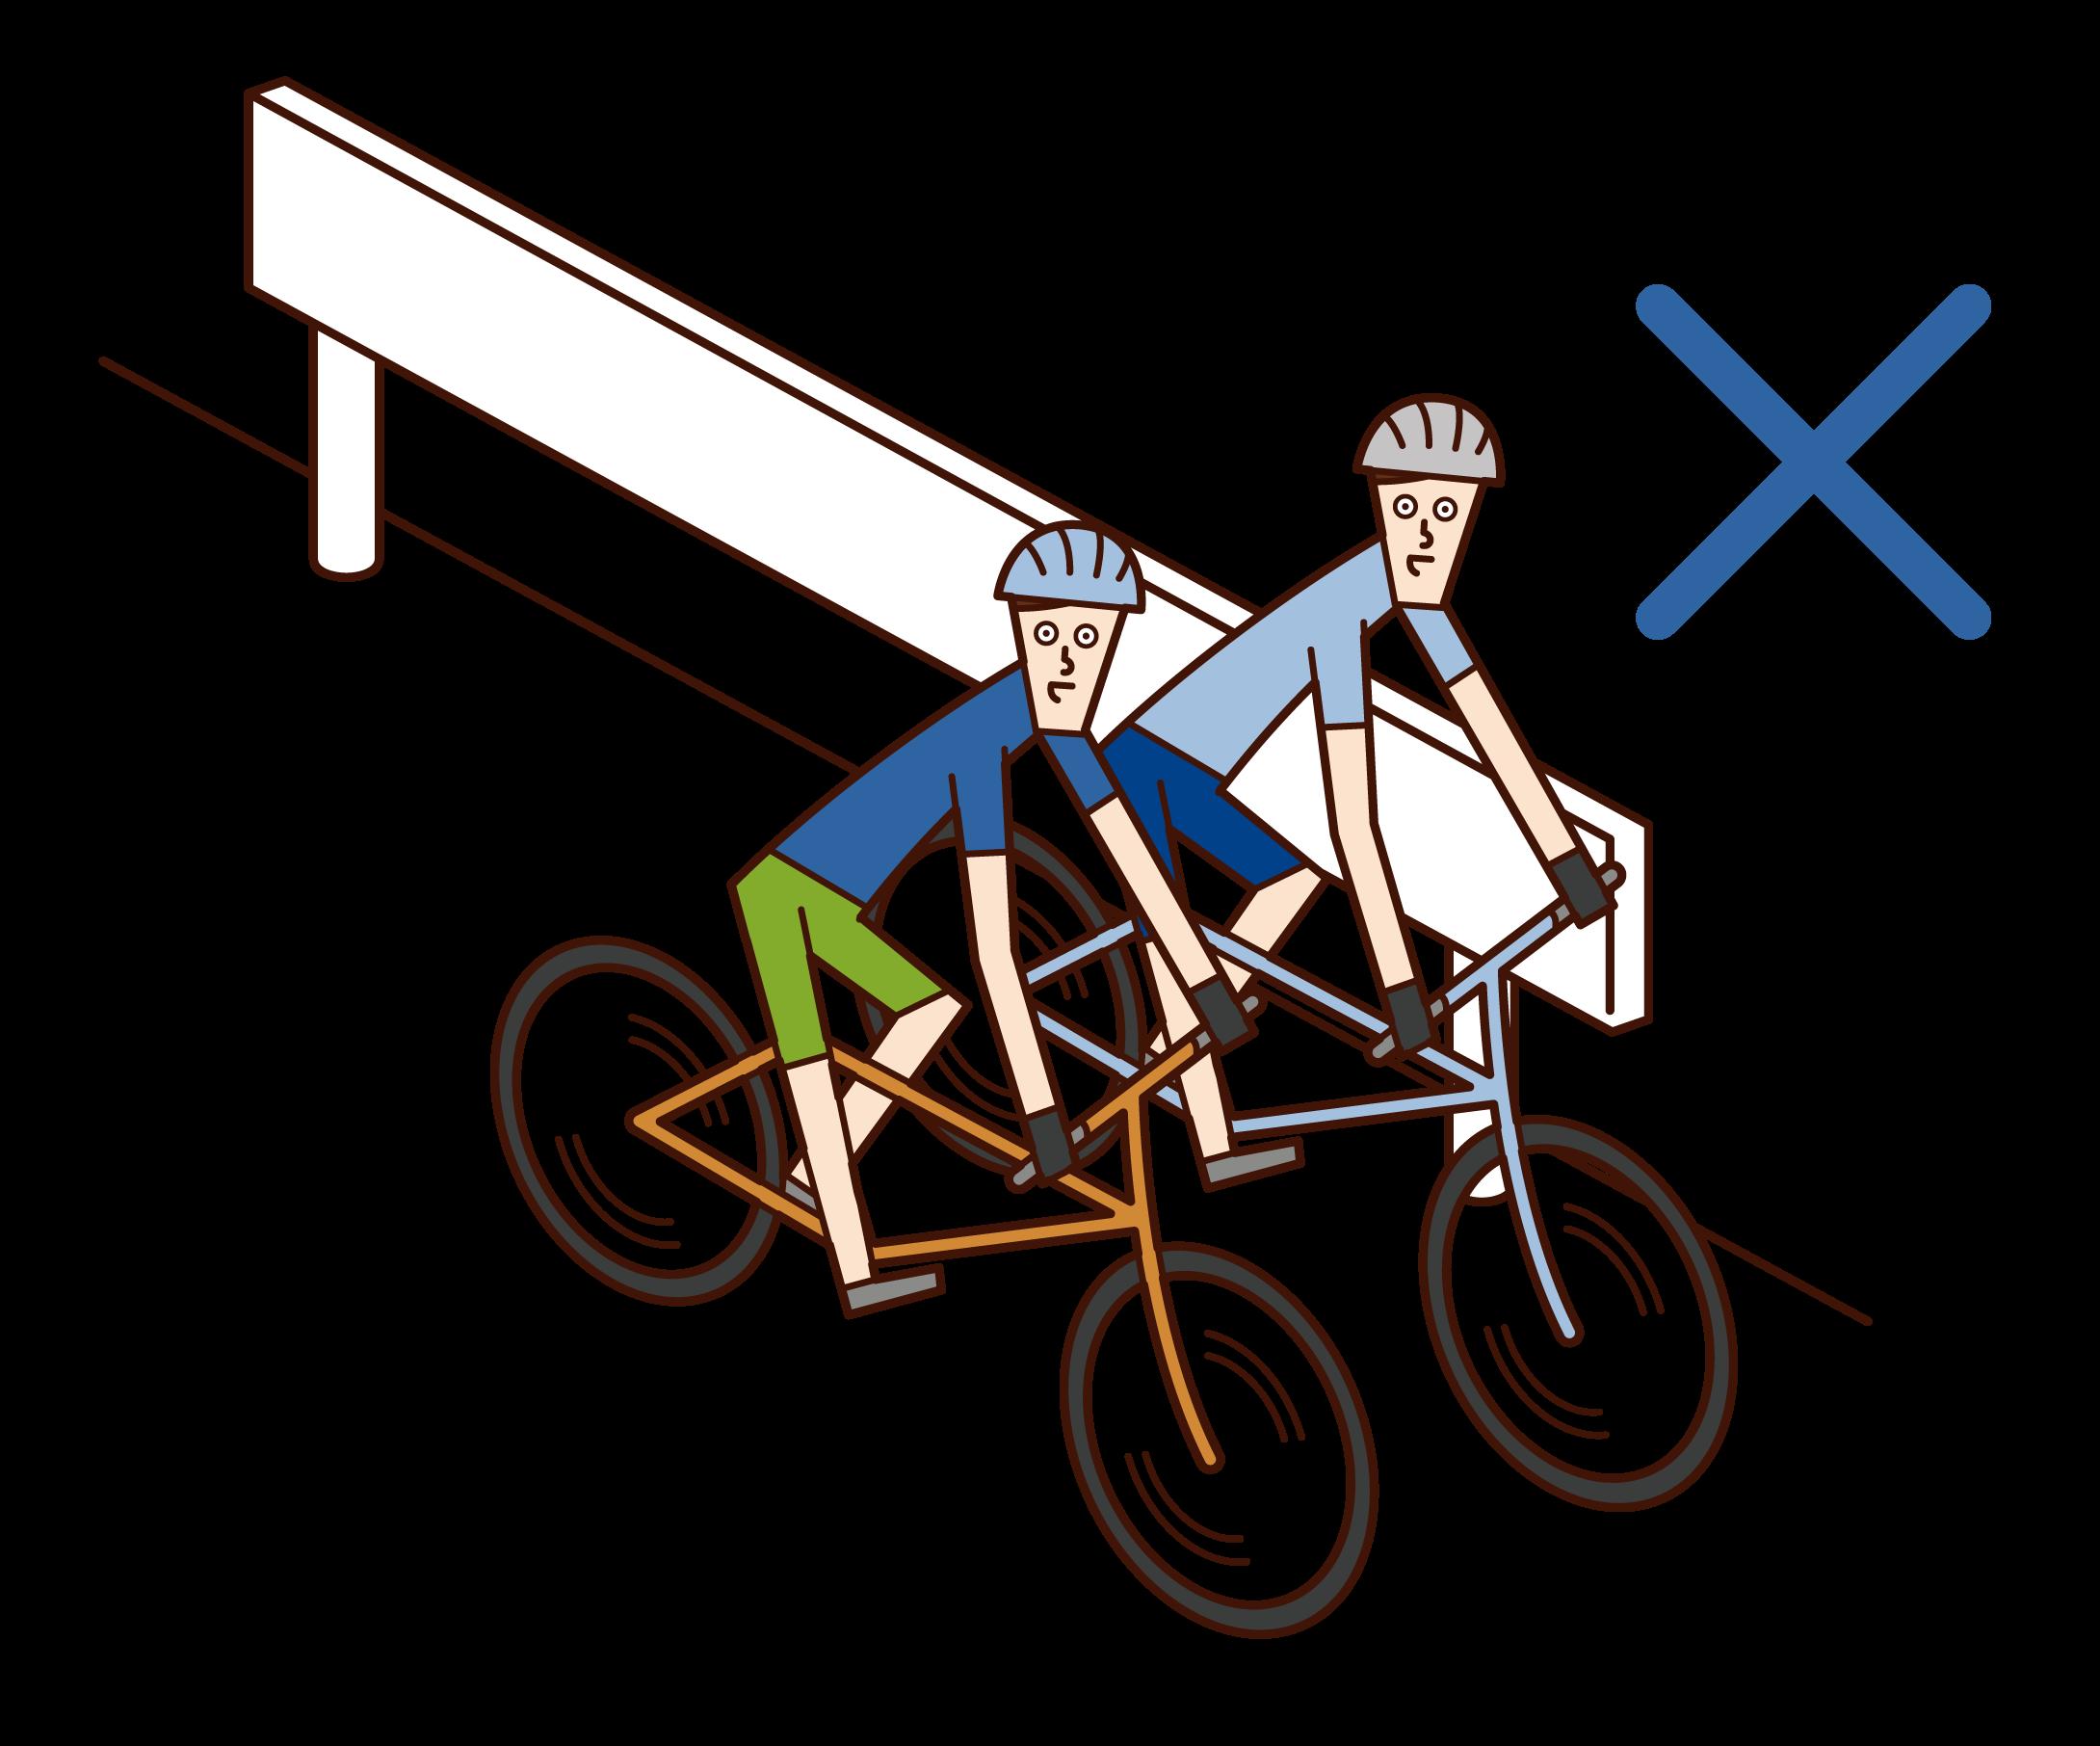 자전거를 타고 나란히 달리는 사람(남성)의 일러스트